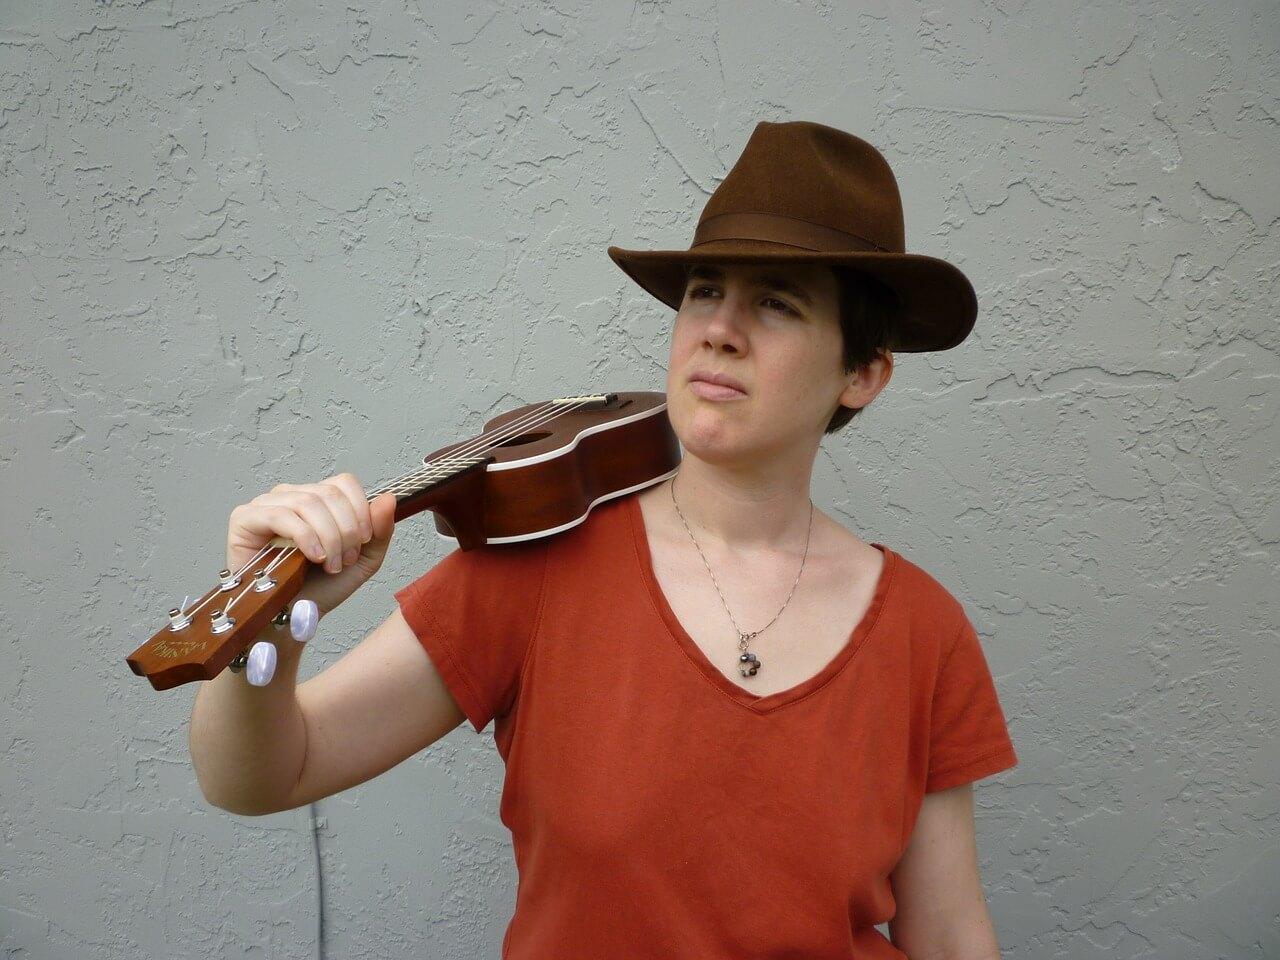 ukulele boy